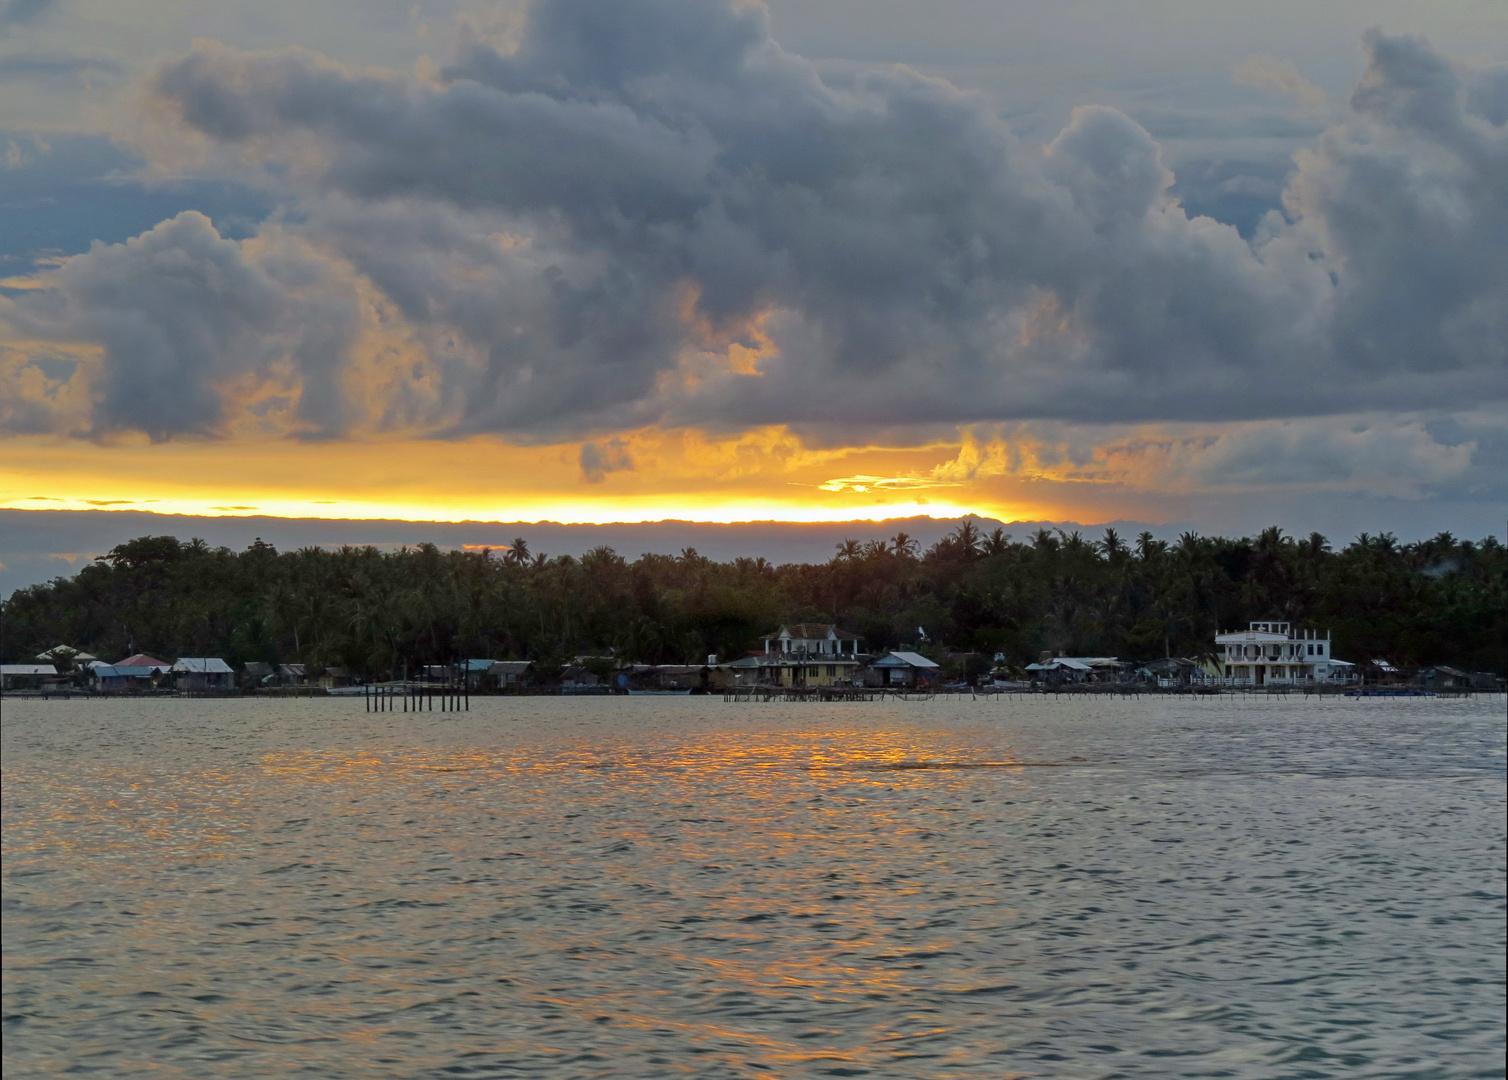 Sonnenuntergang bei Gewitterstimmung